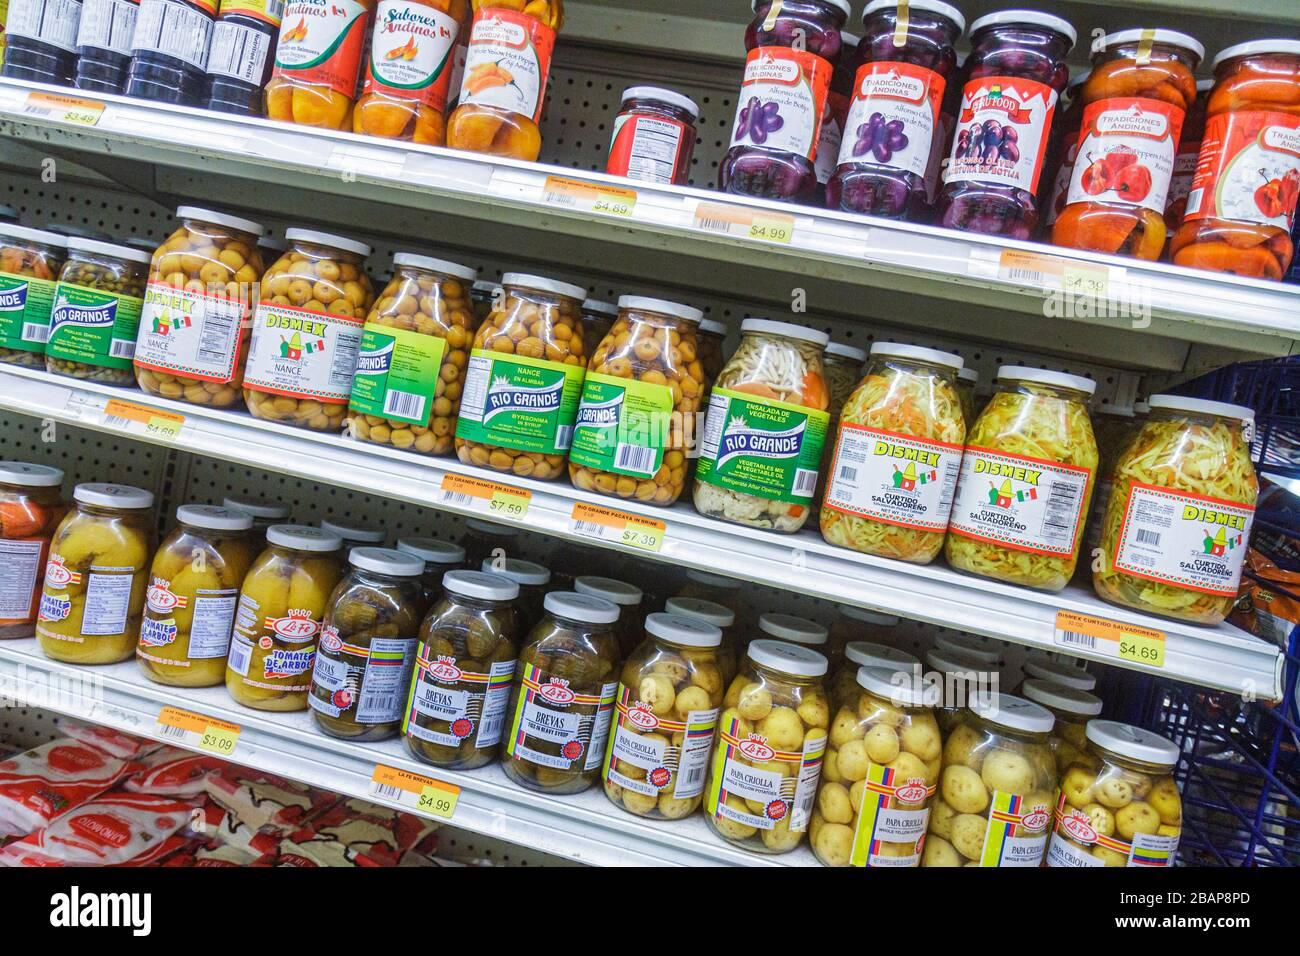 Miami Beach Florida Alton Road lateinischen Lebensmittelgeschäft Geschäft Regal Regale Einzelhandel zum Verkauf konkurrierende Marken Flaschen Spani Stockfoto